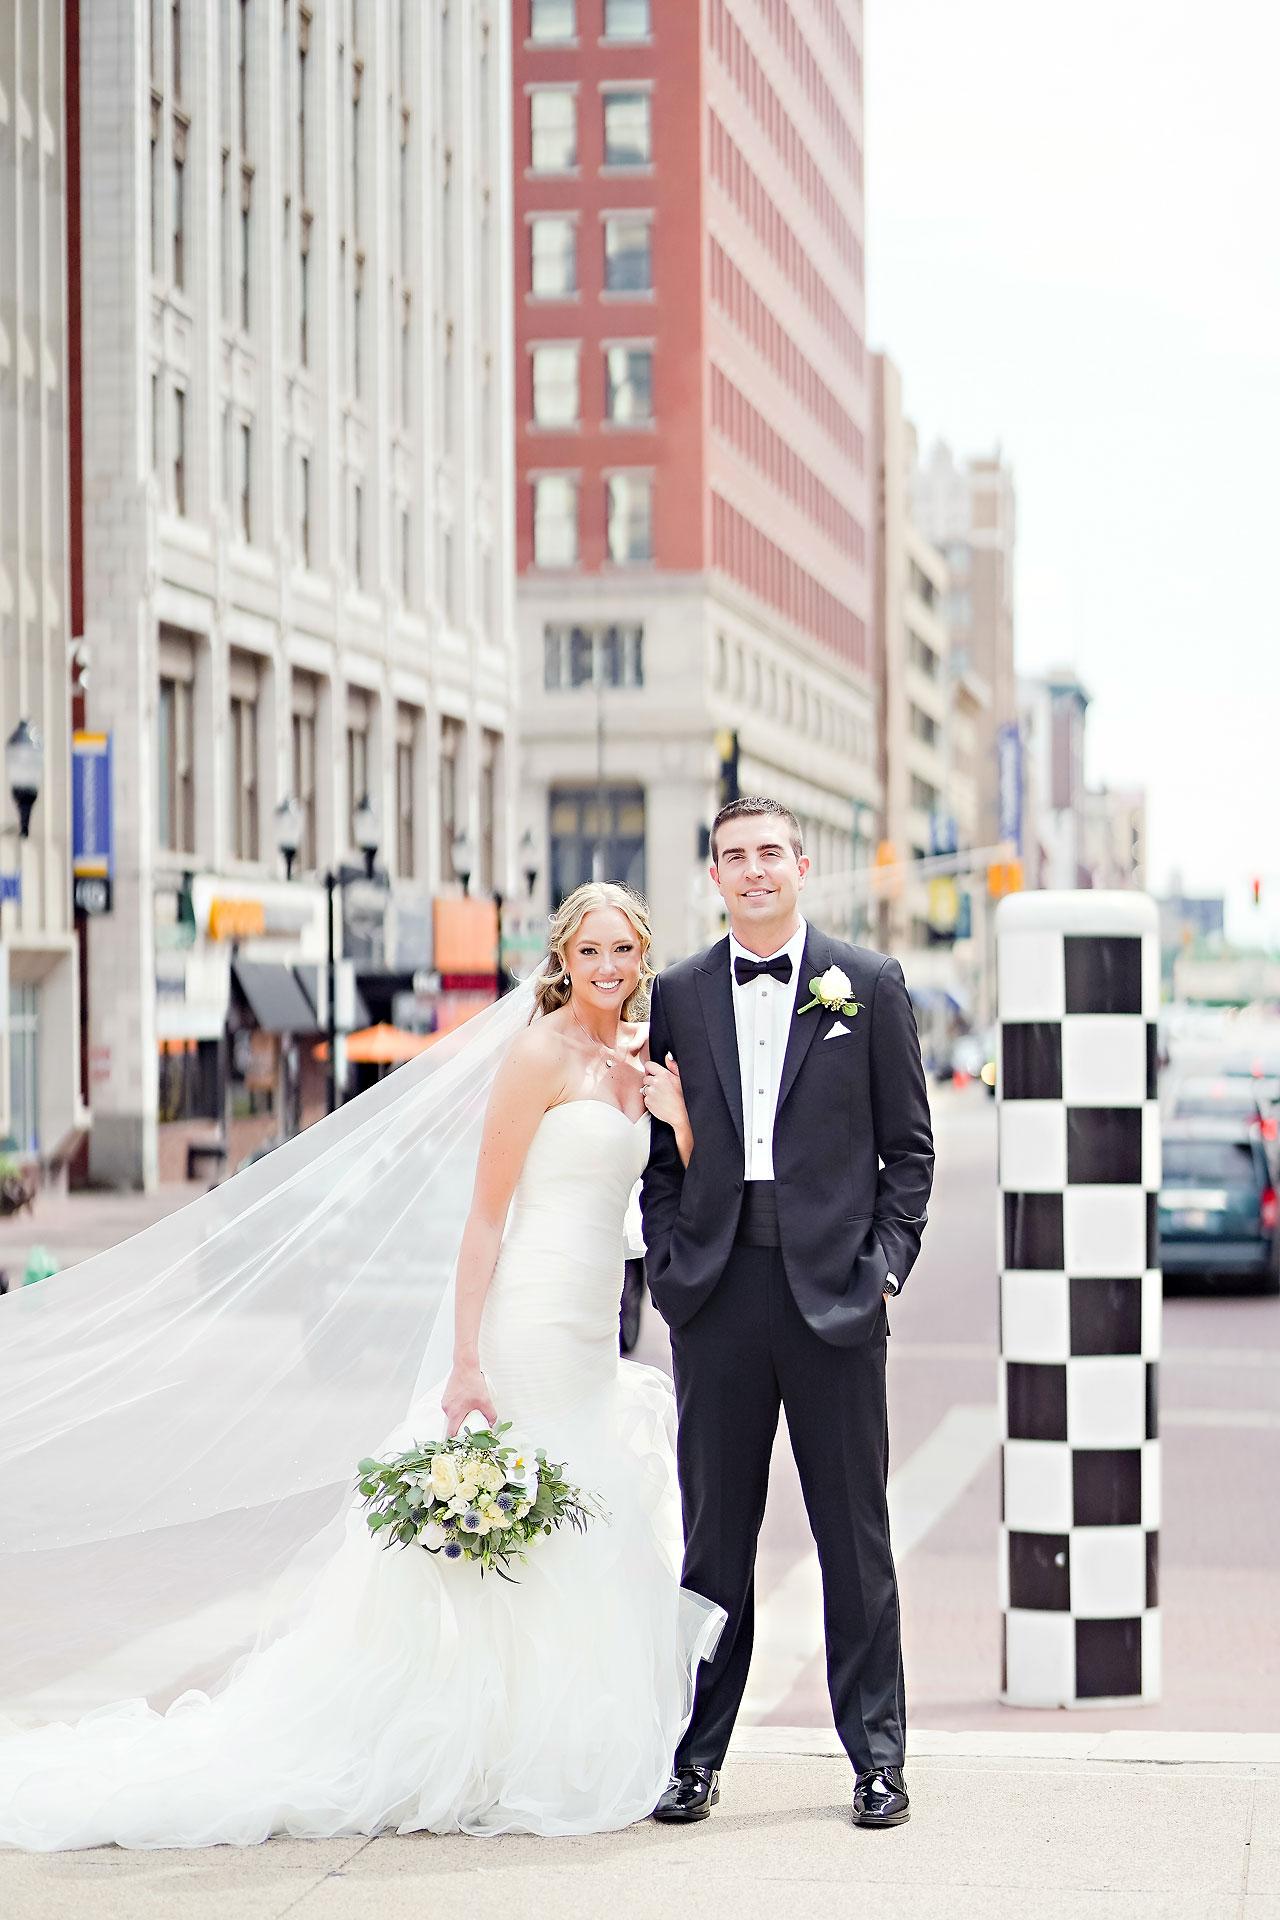 Liz Zach Conrad Artsgarden Indianapolis Wedding 068